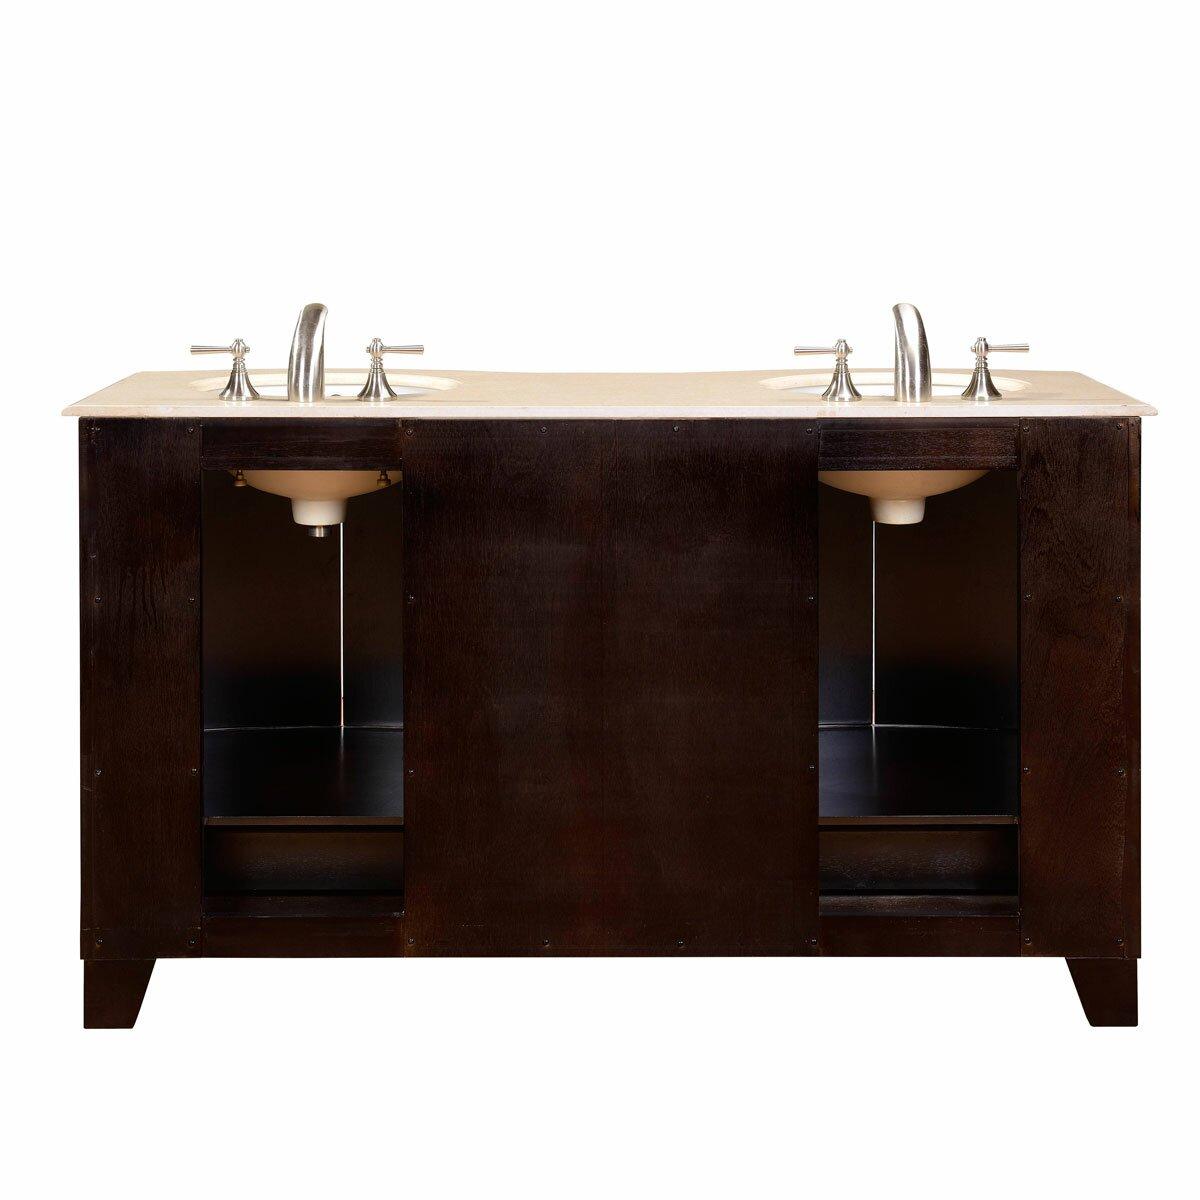 Silkroad Exclusive 60 Double Sink Cabinet Bathroom Vanity Set Reviews Wayfair